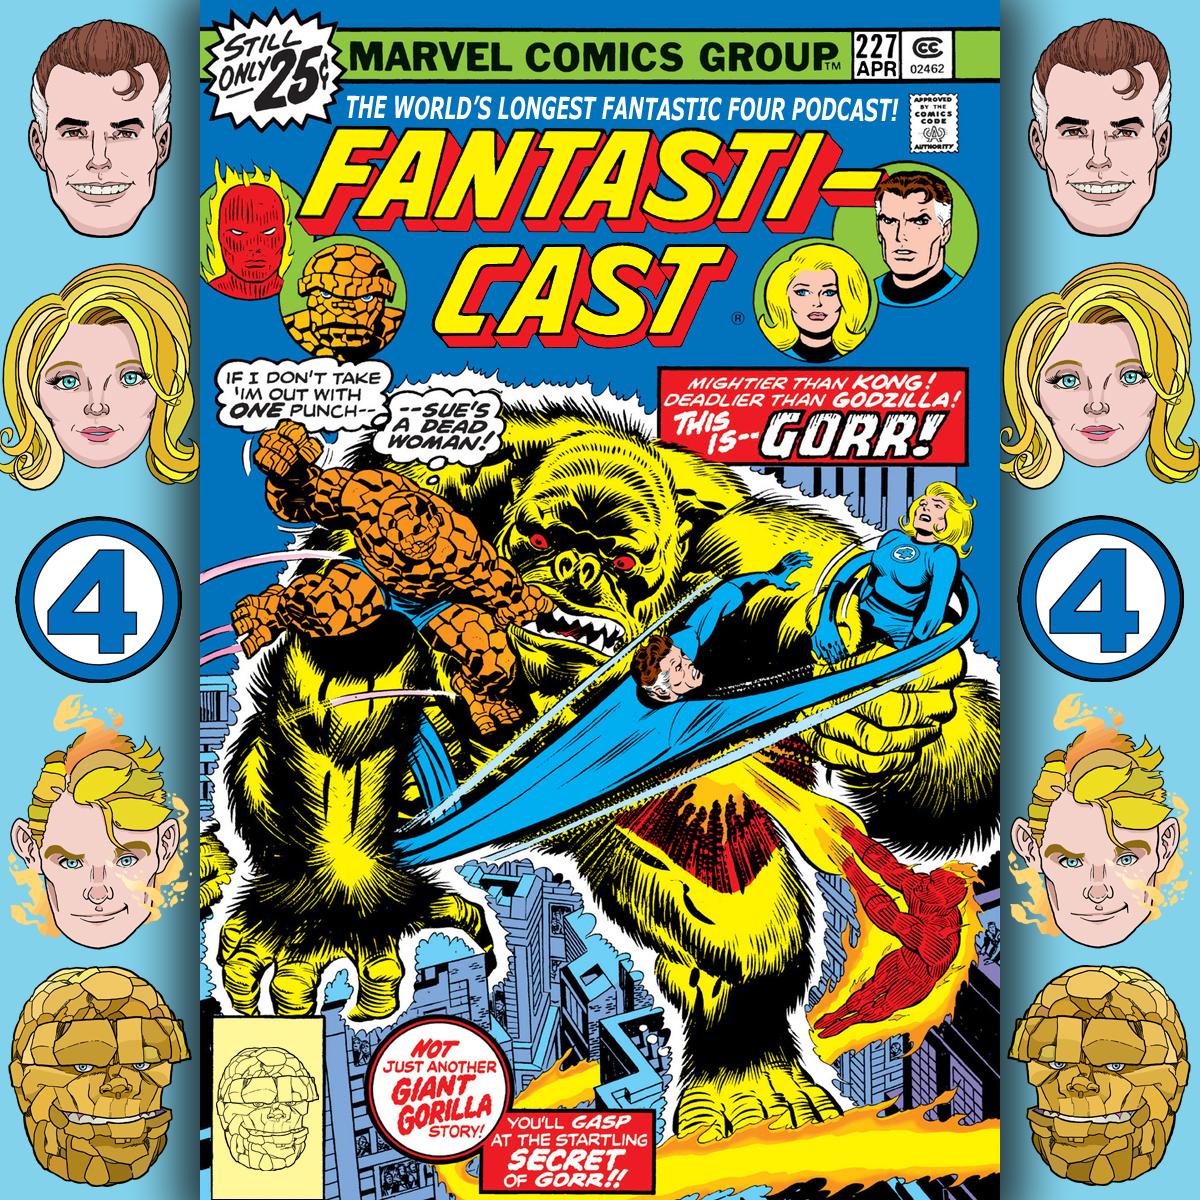 The Fantasticast Episode 227